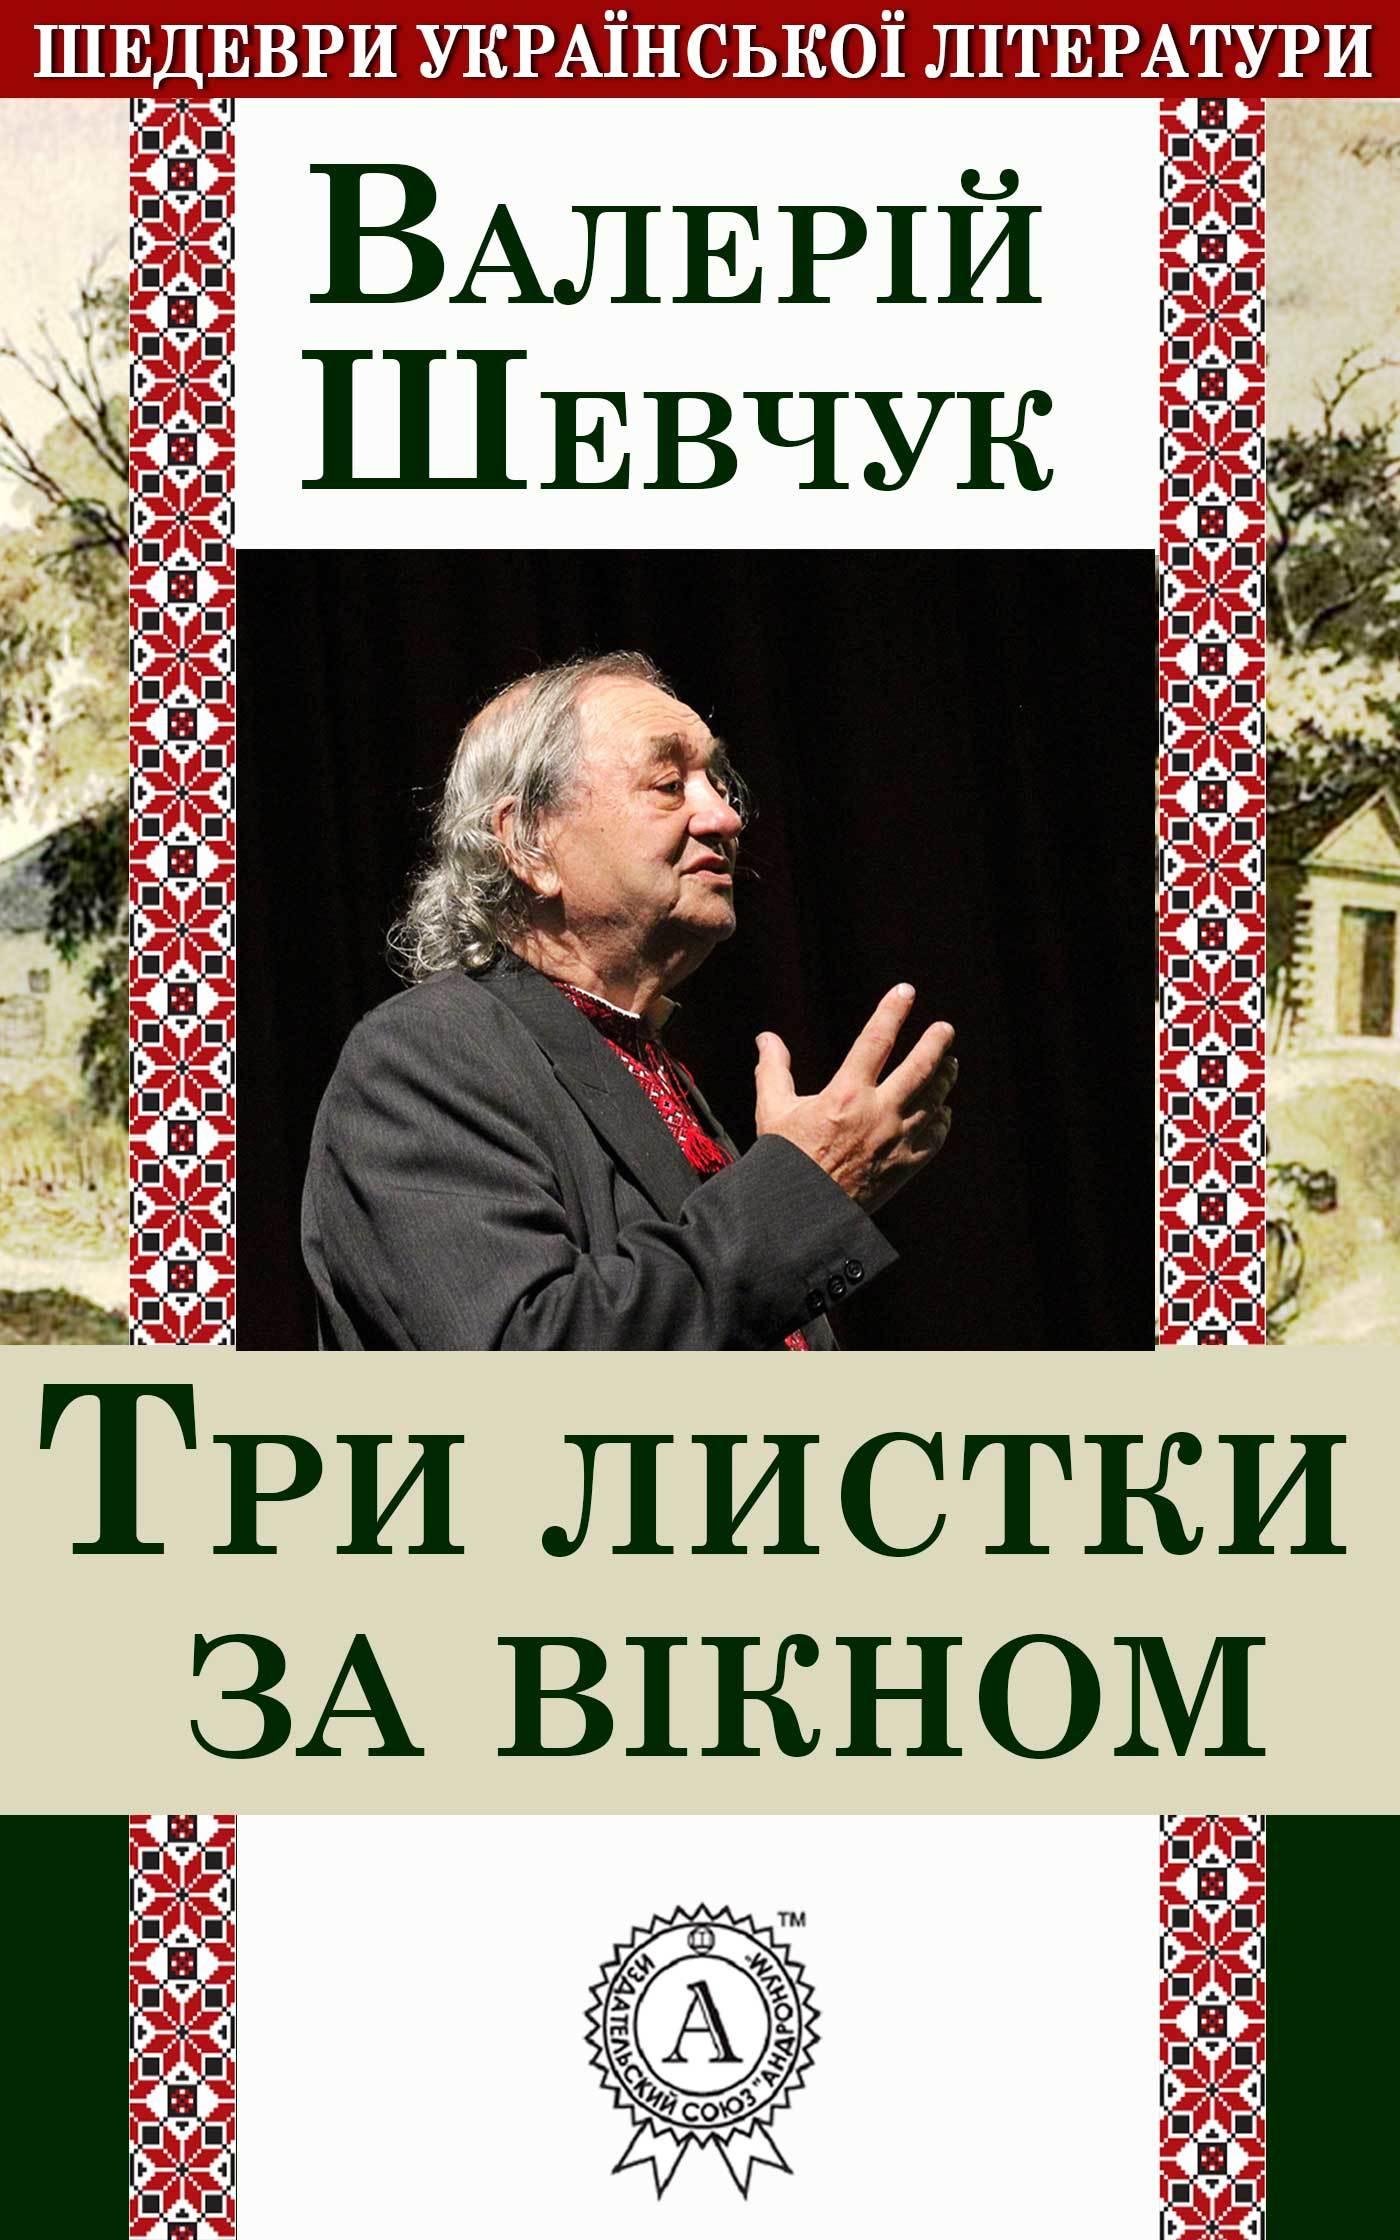 Валерй Шевчук бесплатно